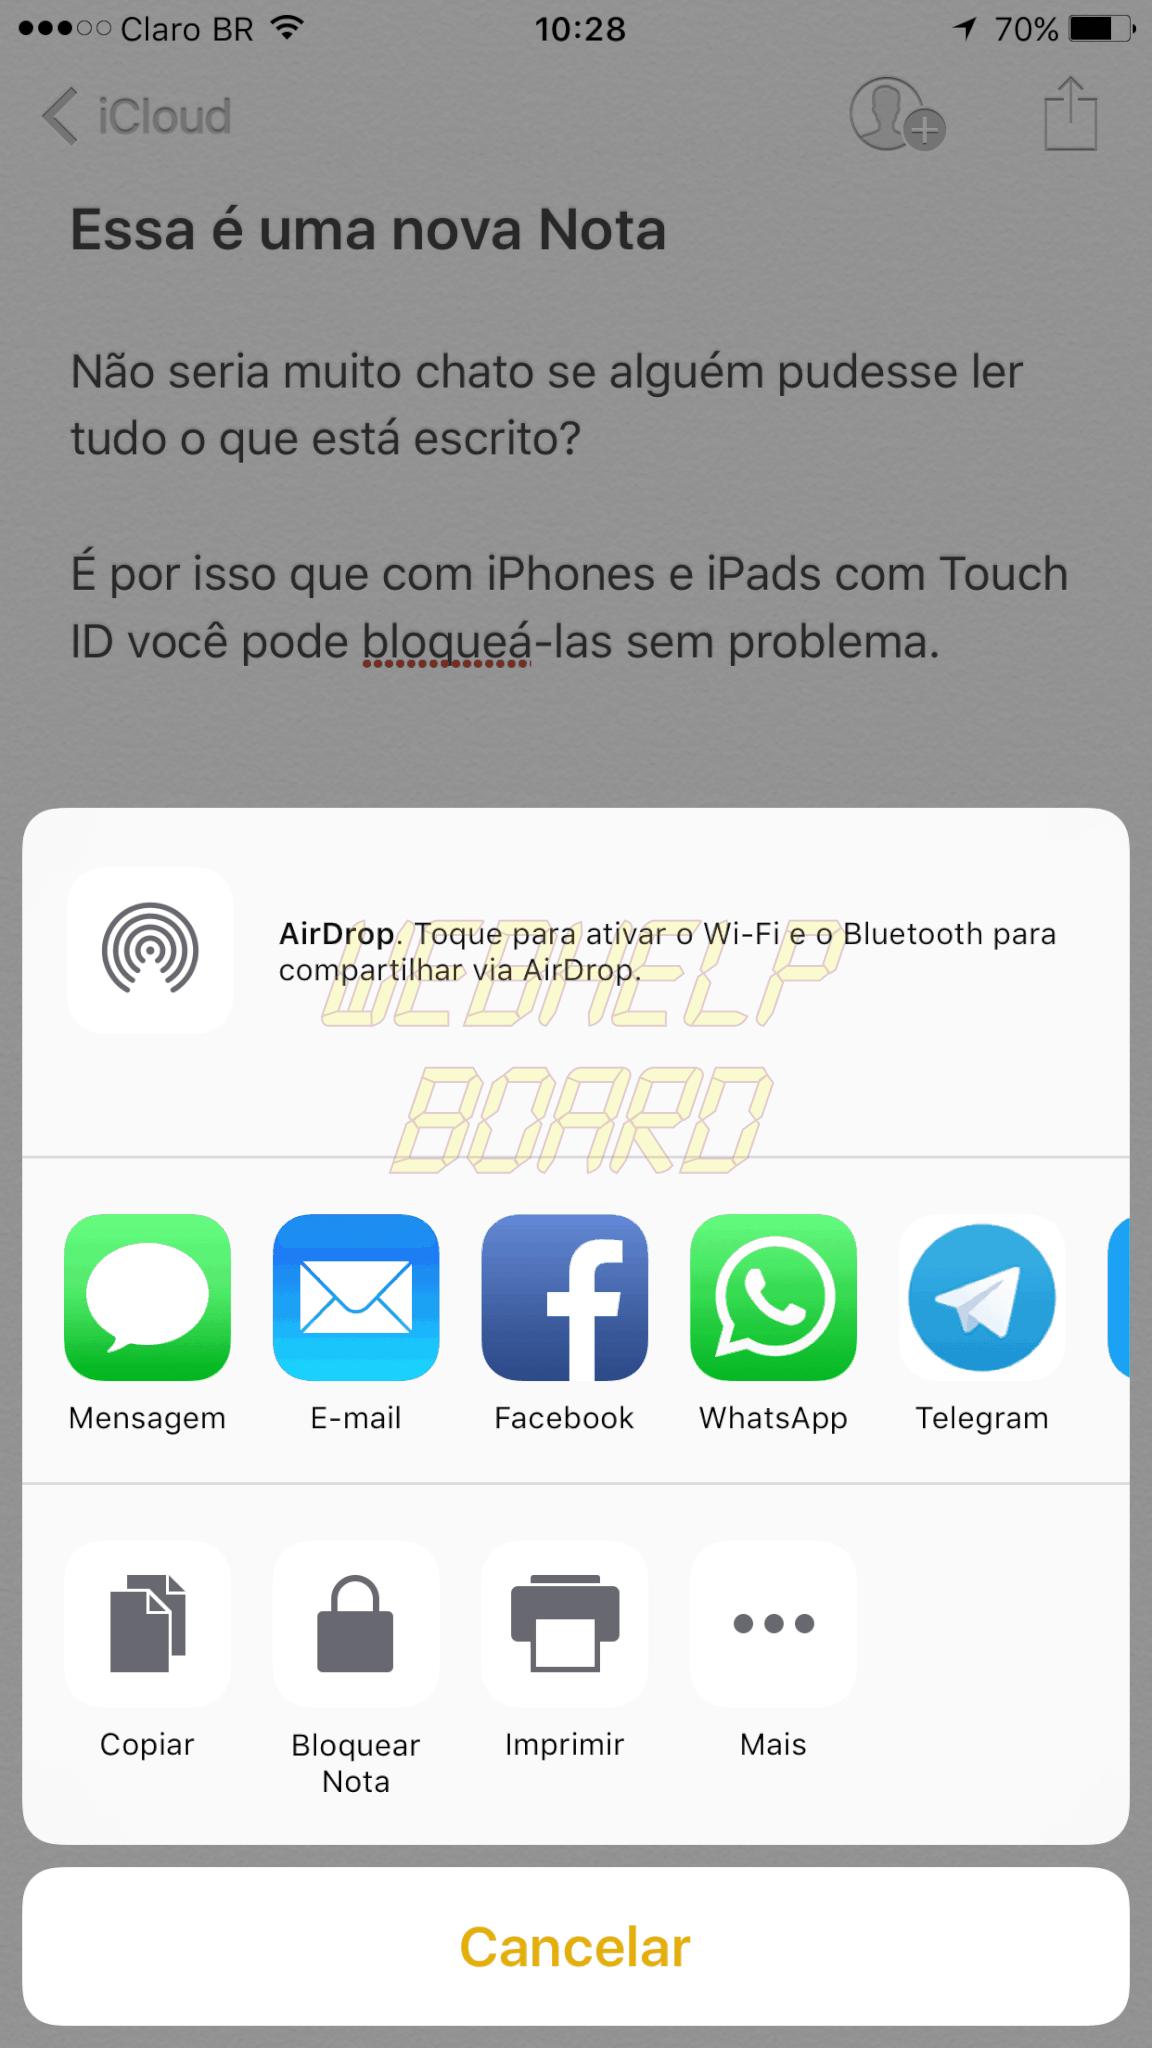 IMG 0783 - Tutorial: Como bloquear uma nota no iPhone ou iPad